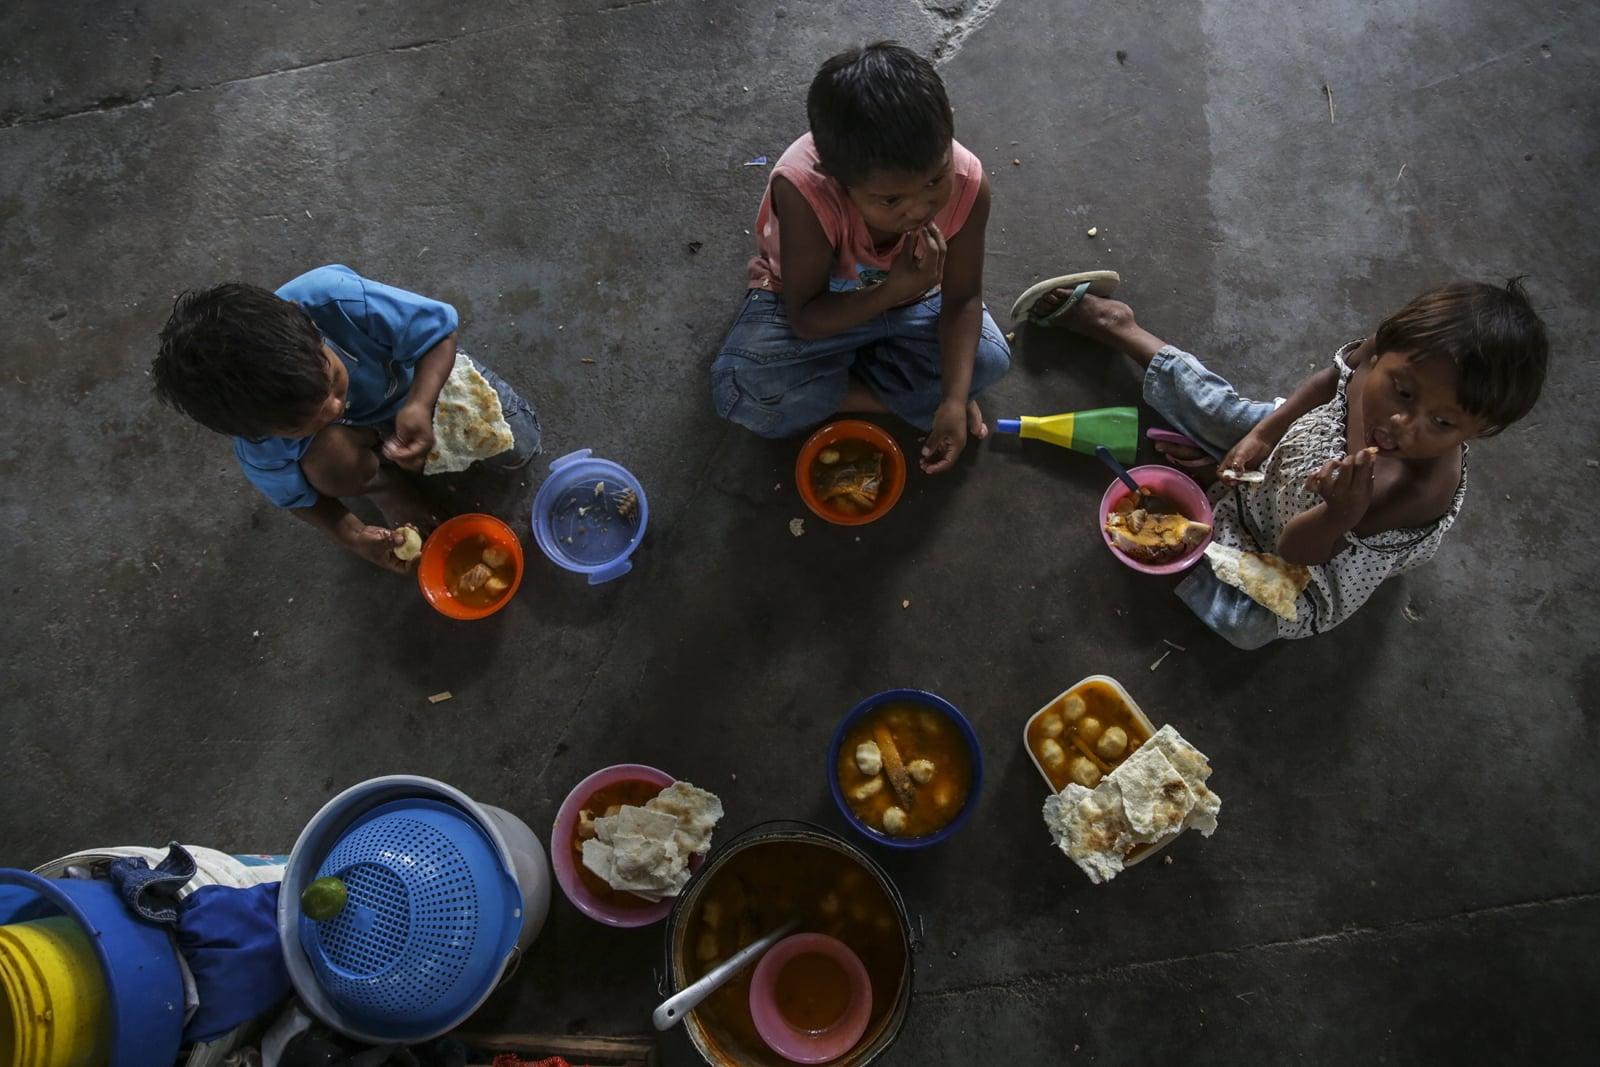 Dzieci z plemienia Warao spożywają posiłek, Pacaraima, Brazylia. PAP/EPA/Antonio Lacerda